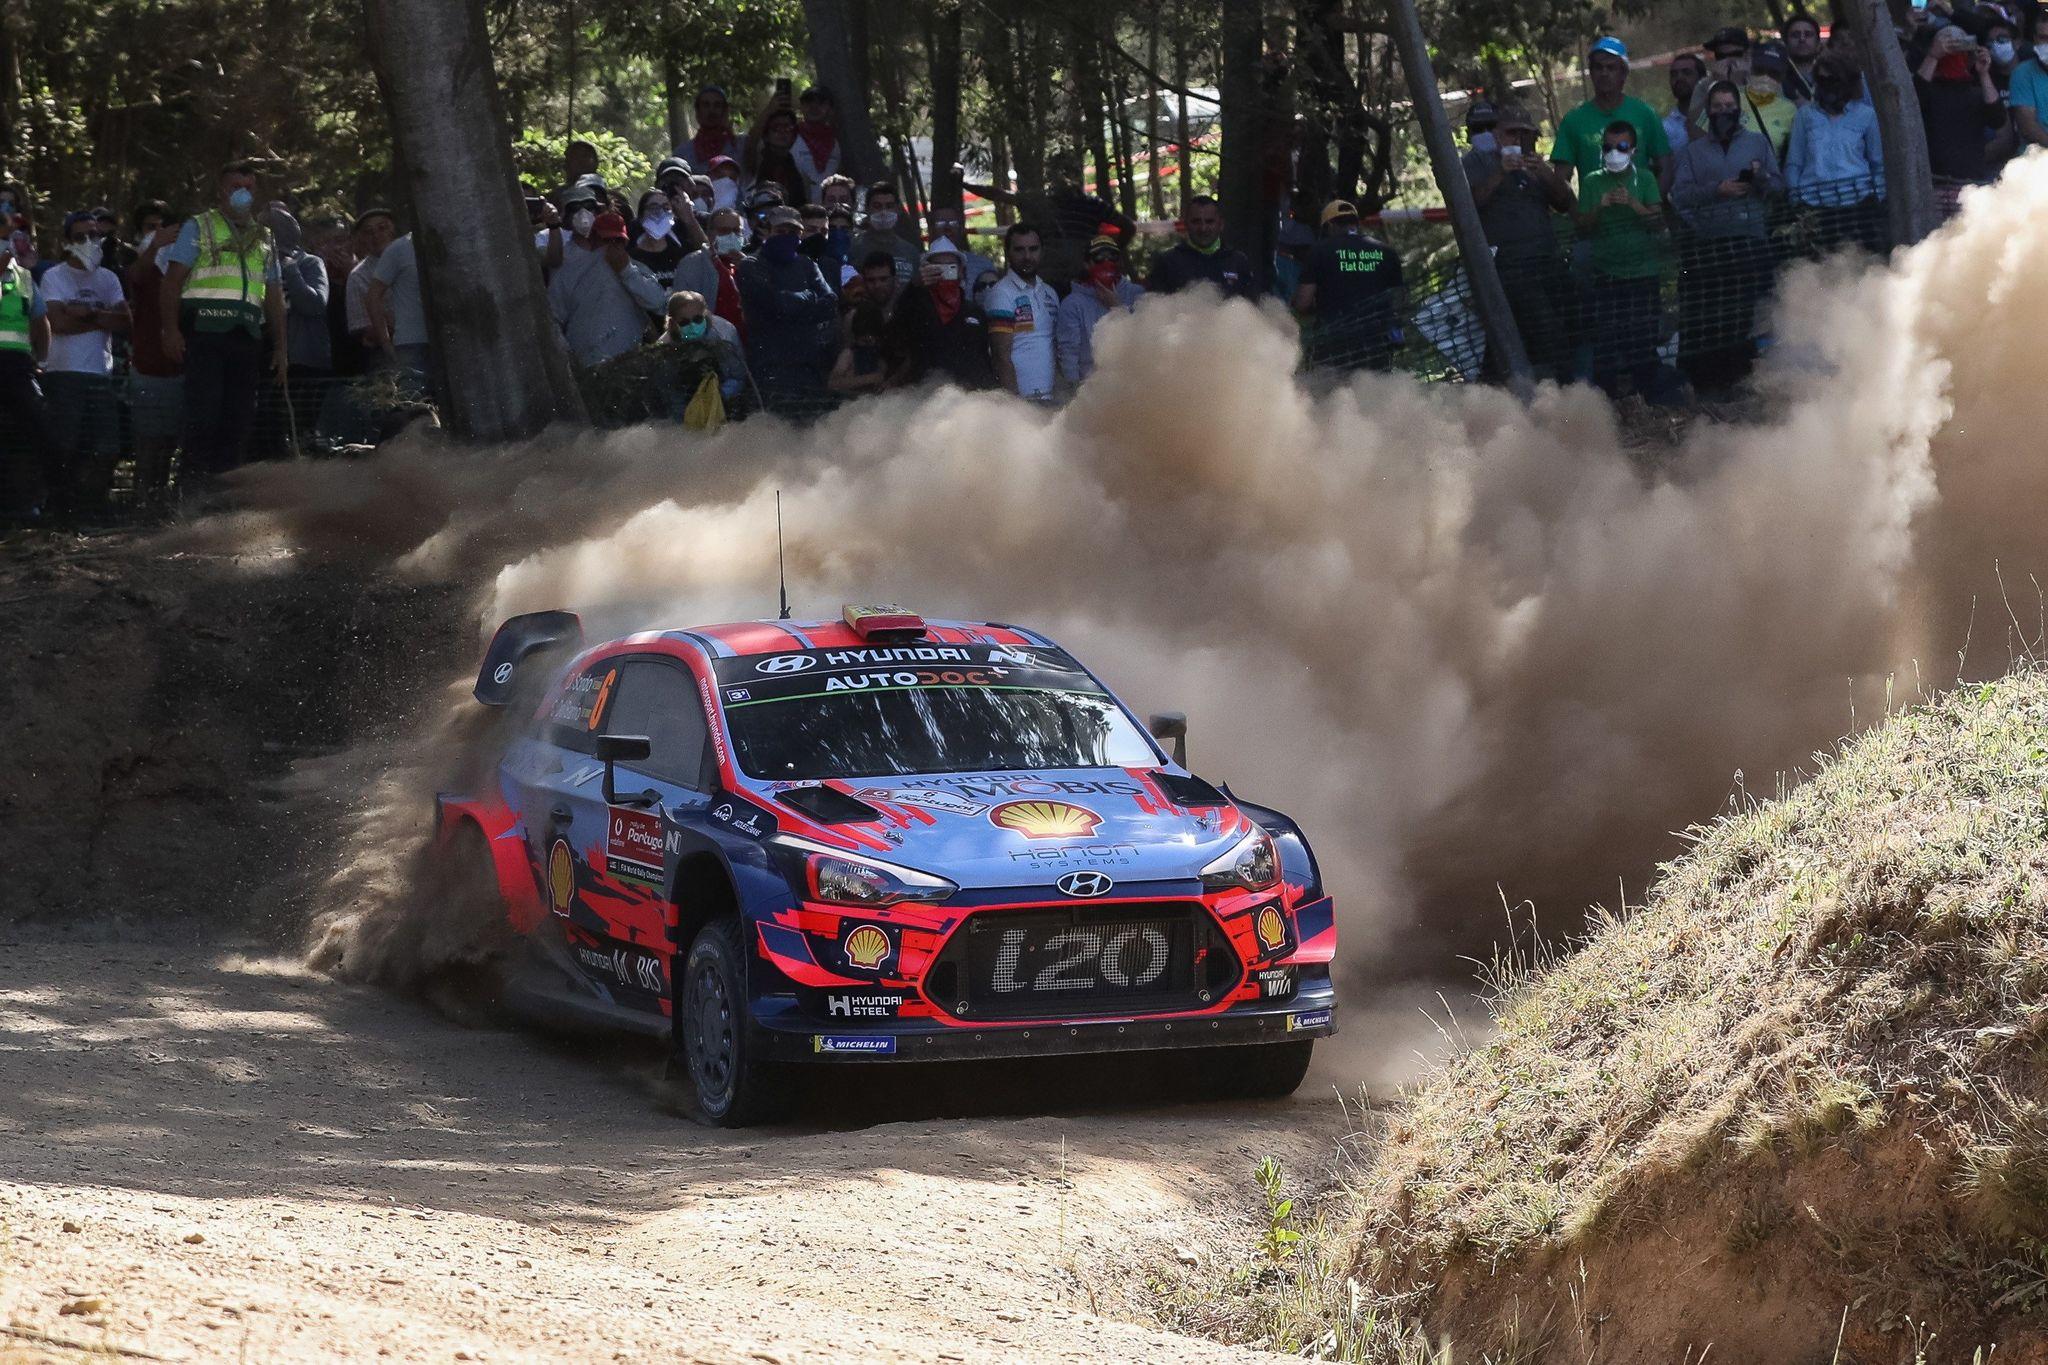 EPA8543. COIMBRA (PORTUGAL), 31/05/2019.- El piloto español Daniel <HIT>Sordo</HIT> conduce su Hyundai i20 WRC este viernes durante la segunda jornada del Rally de Portugal como parte del Campeonato Mundial de Rally (WRC), en Lousa (Portugal). En total, el Rally de Portugal tiene diseñados dieciocho tramos cronometrados en tres jornadas, una en la región Centro y dos más (sábado y domingo) en el Norte luso, con un total de 294,62 kilómetros cronometrados. EFE/Paulo Novais